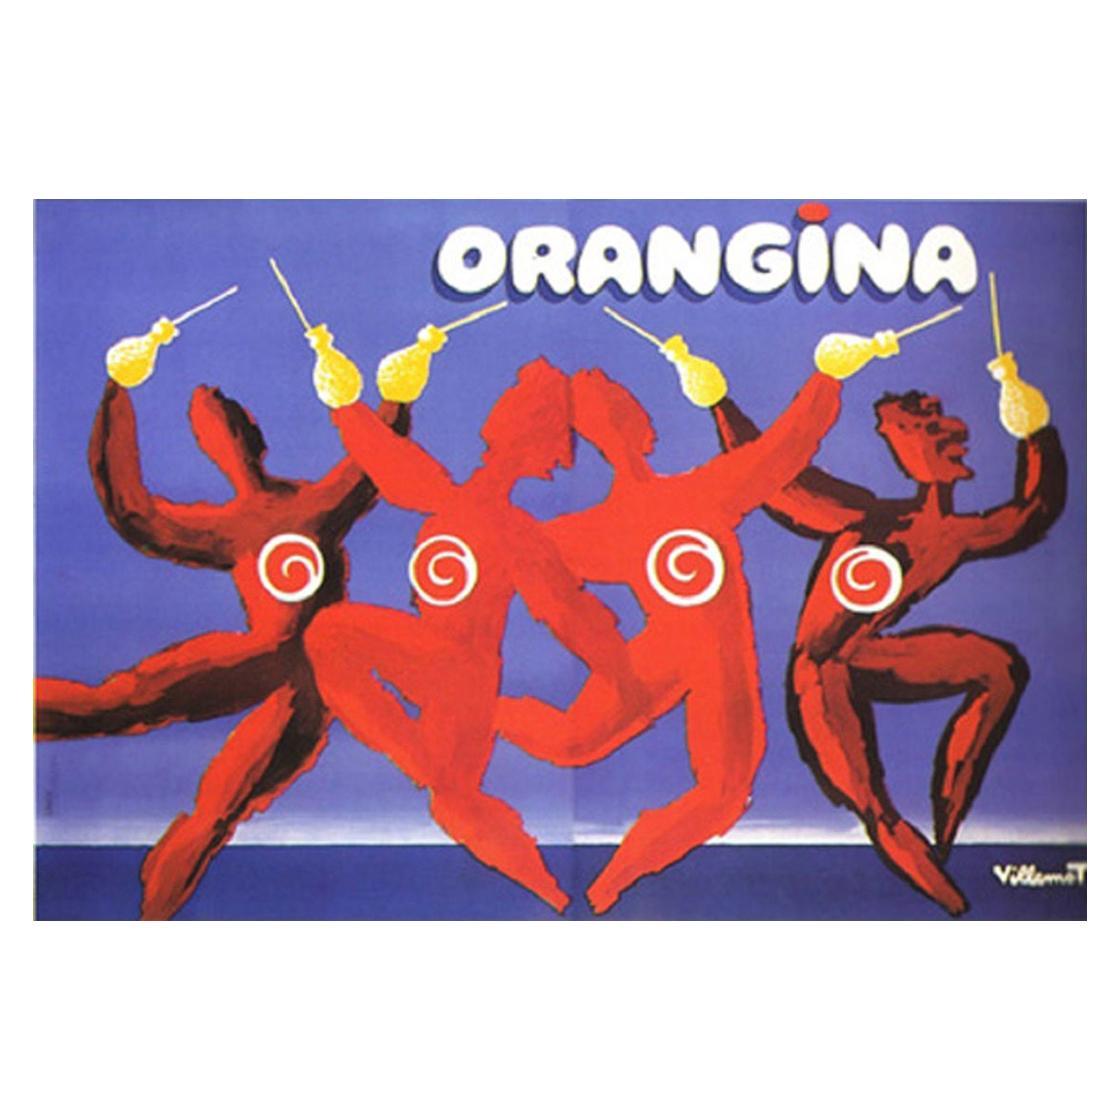 Orangina Dance, Villemot Original Vintage Poster